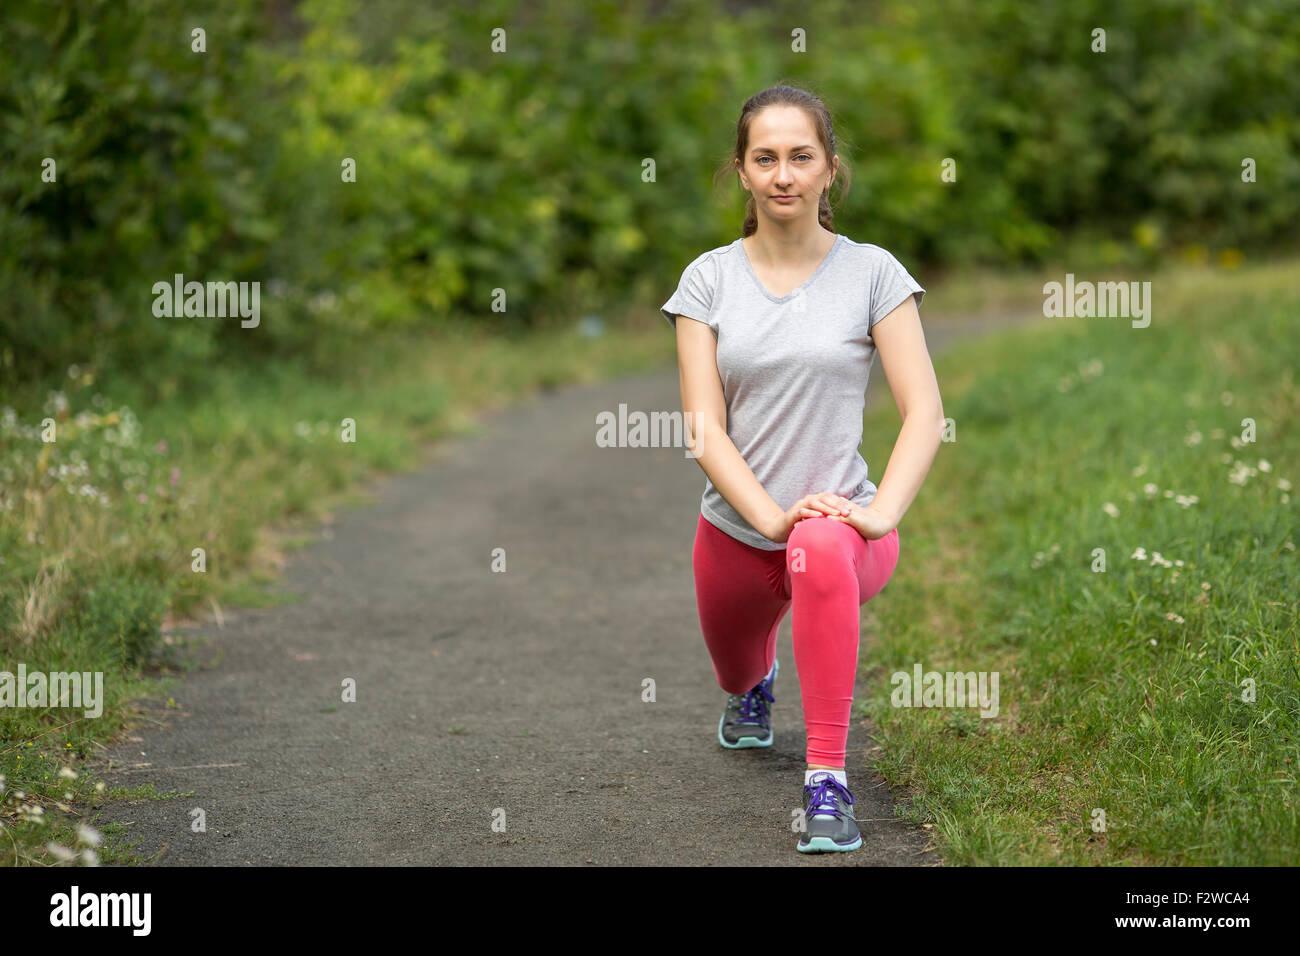 Giovane ragazza sportiva è in fase di riscaldamento all'esterno. Uno stile di vita sano. Immagini Stock